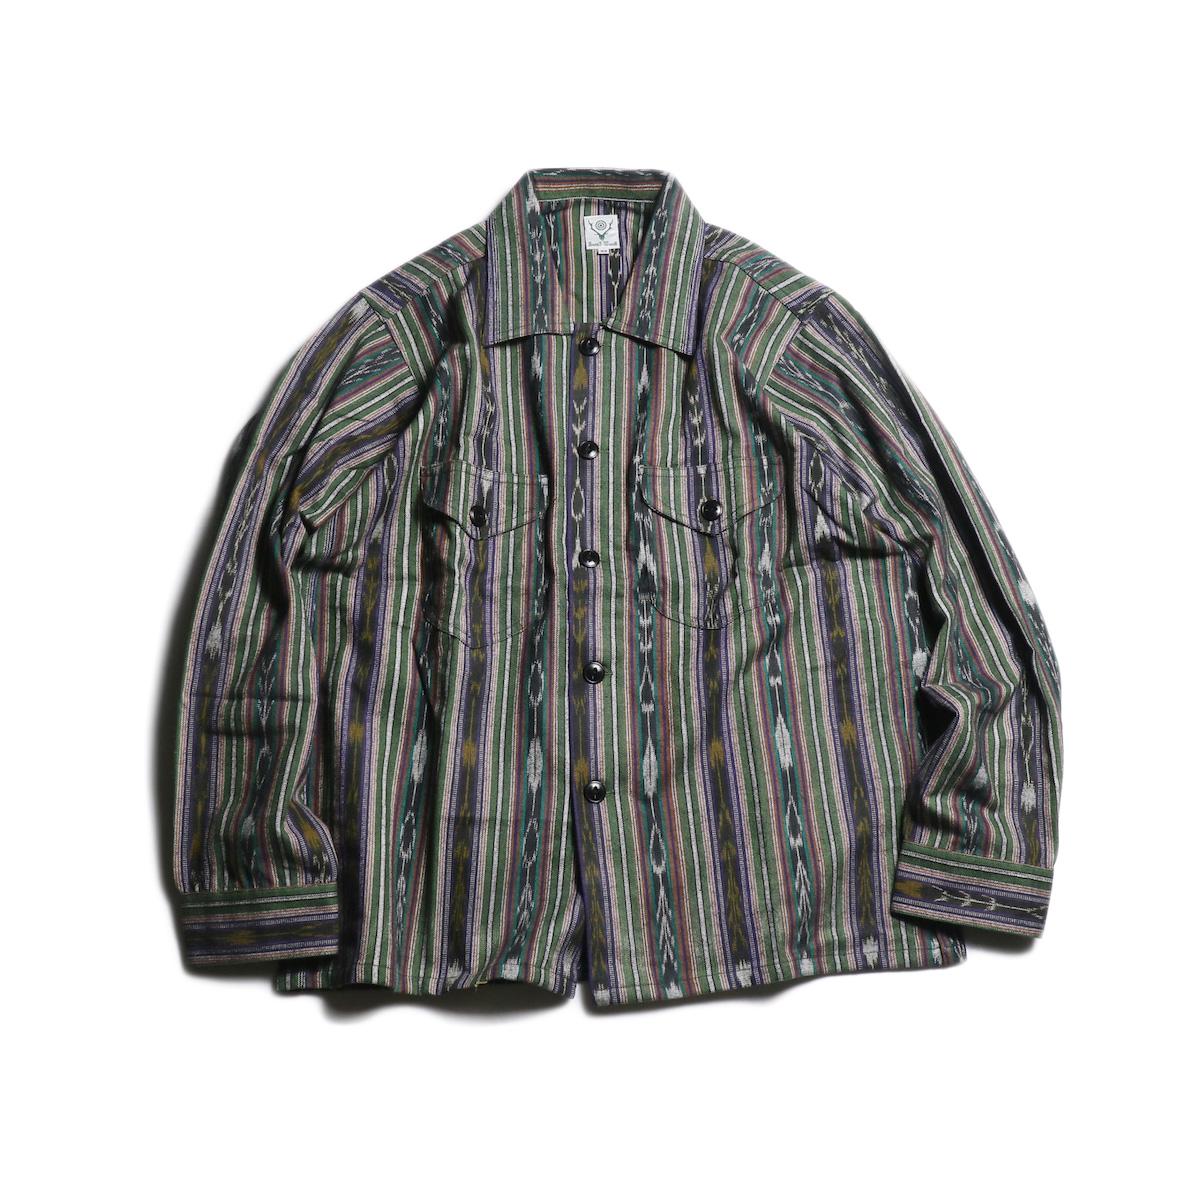 SOUTH2 WEST8 / Smokey Shirt - Cotton Cloth/Ikat Pattern (Green)